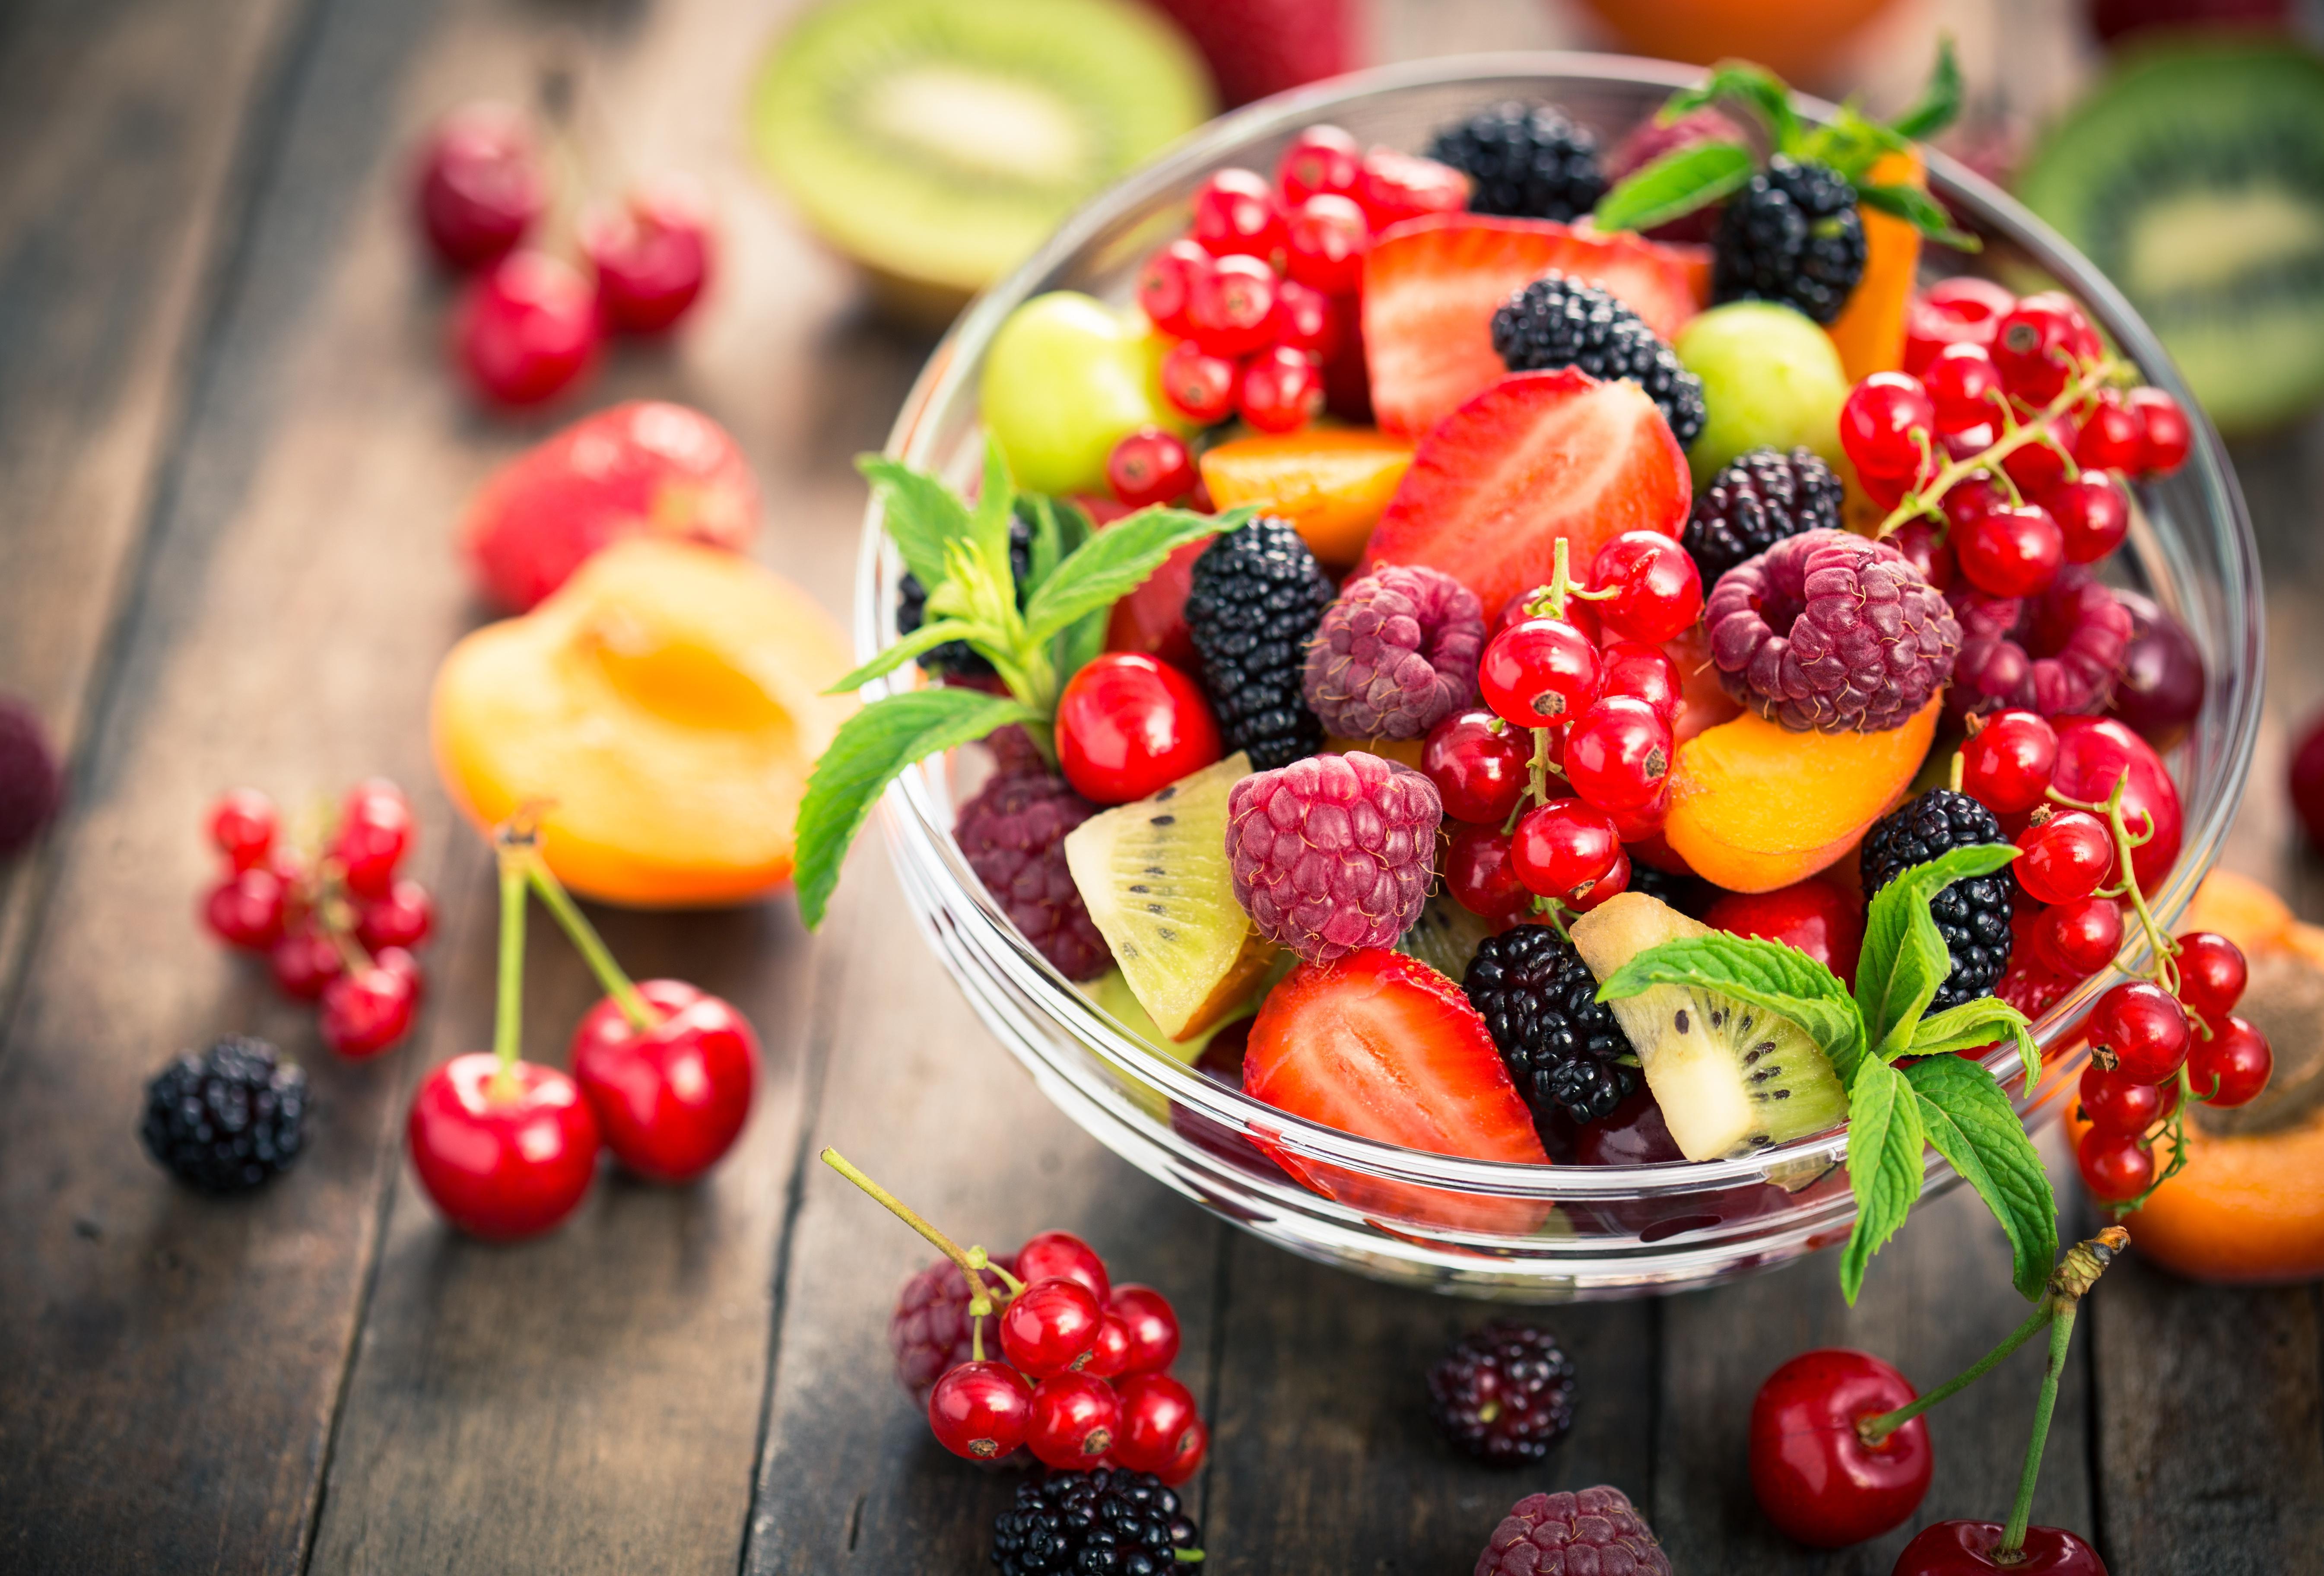 фото ягод и фруктов в хорошем качестве представлены все активные